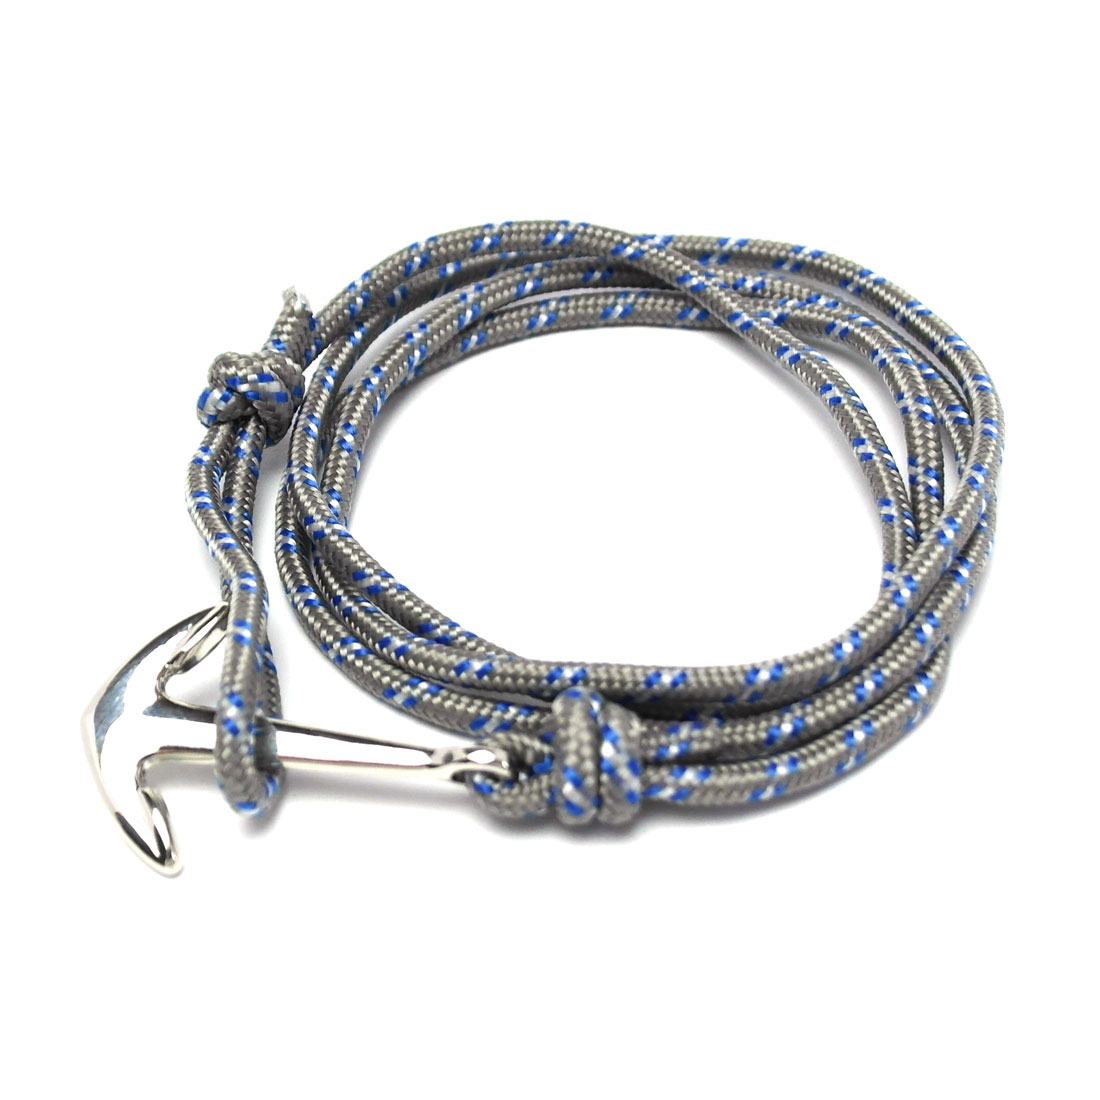 Popular Herren Anker Armband mit grauem Band   Armband-Dealer.de Onlineshop DC82